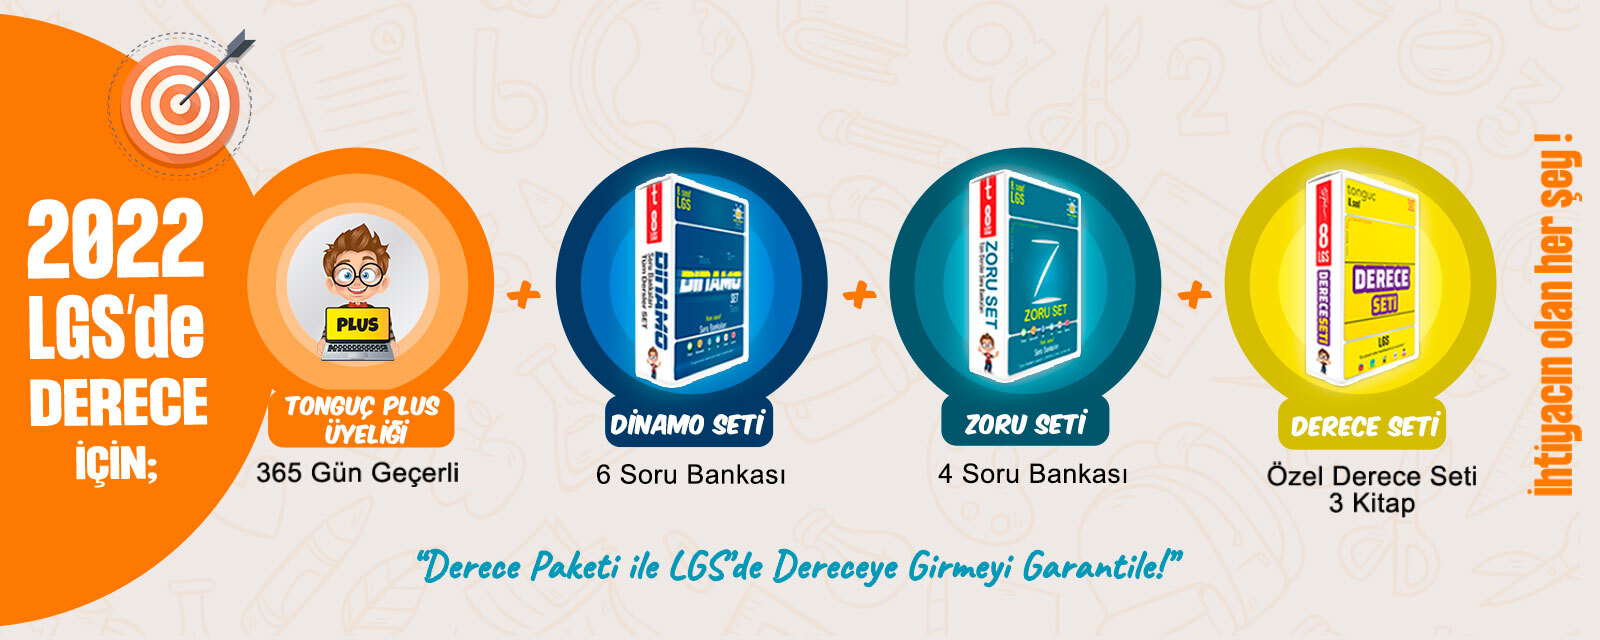 LGS Derece Paketi